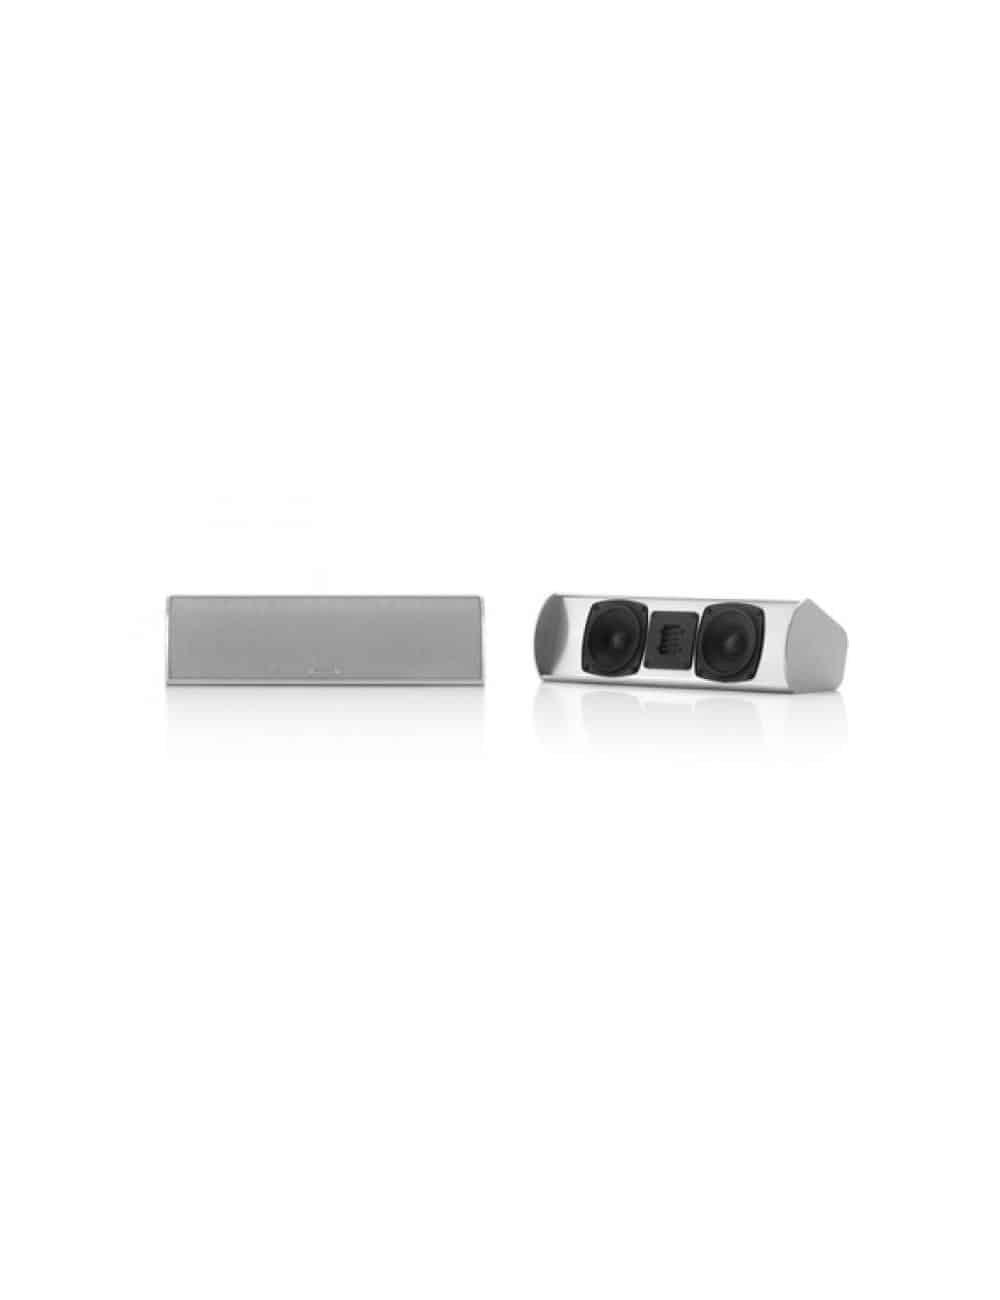 diffusore acustico canale centrale per Home Theater, Piega TMicro Center AMT, finitura aluminium silver